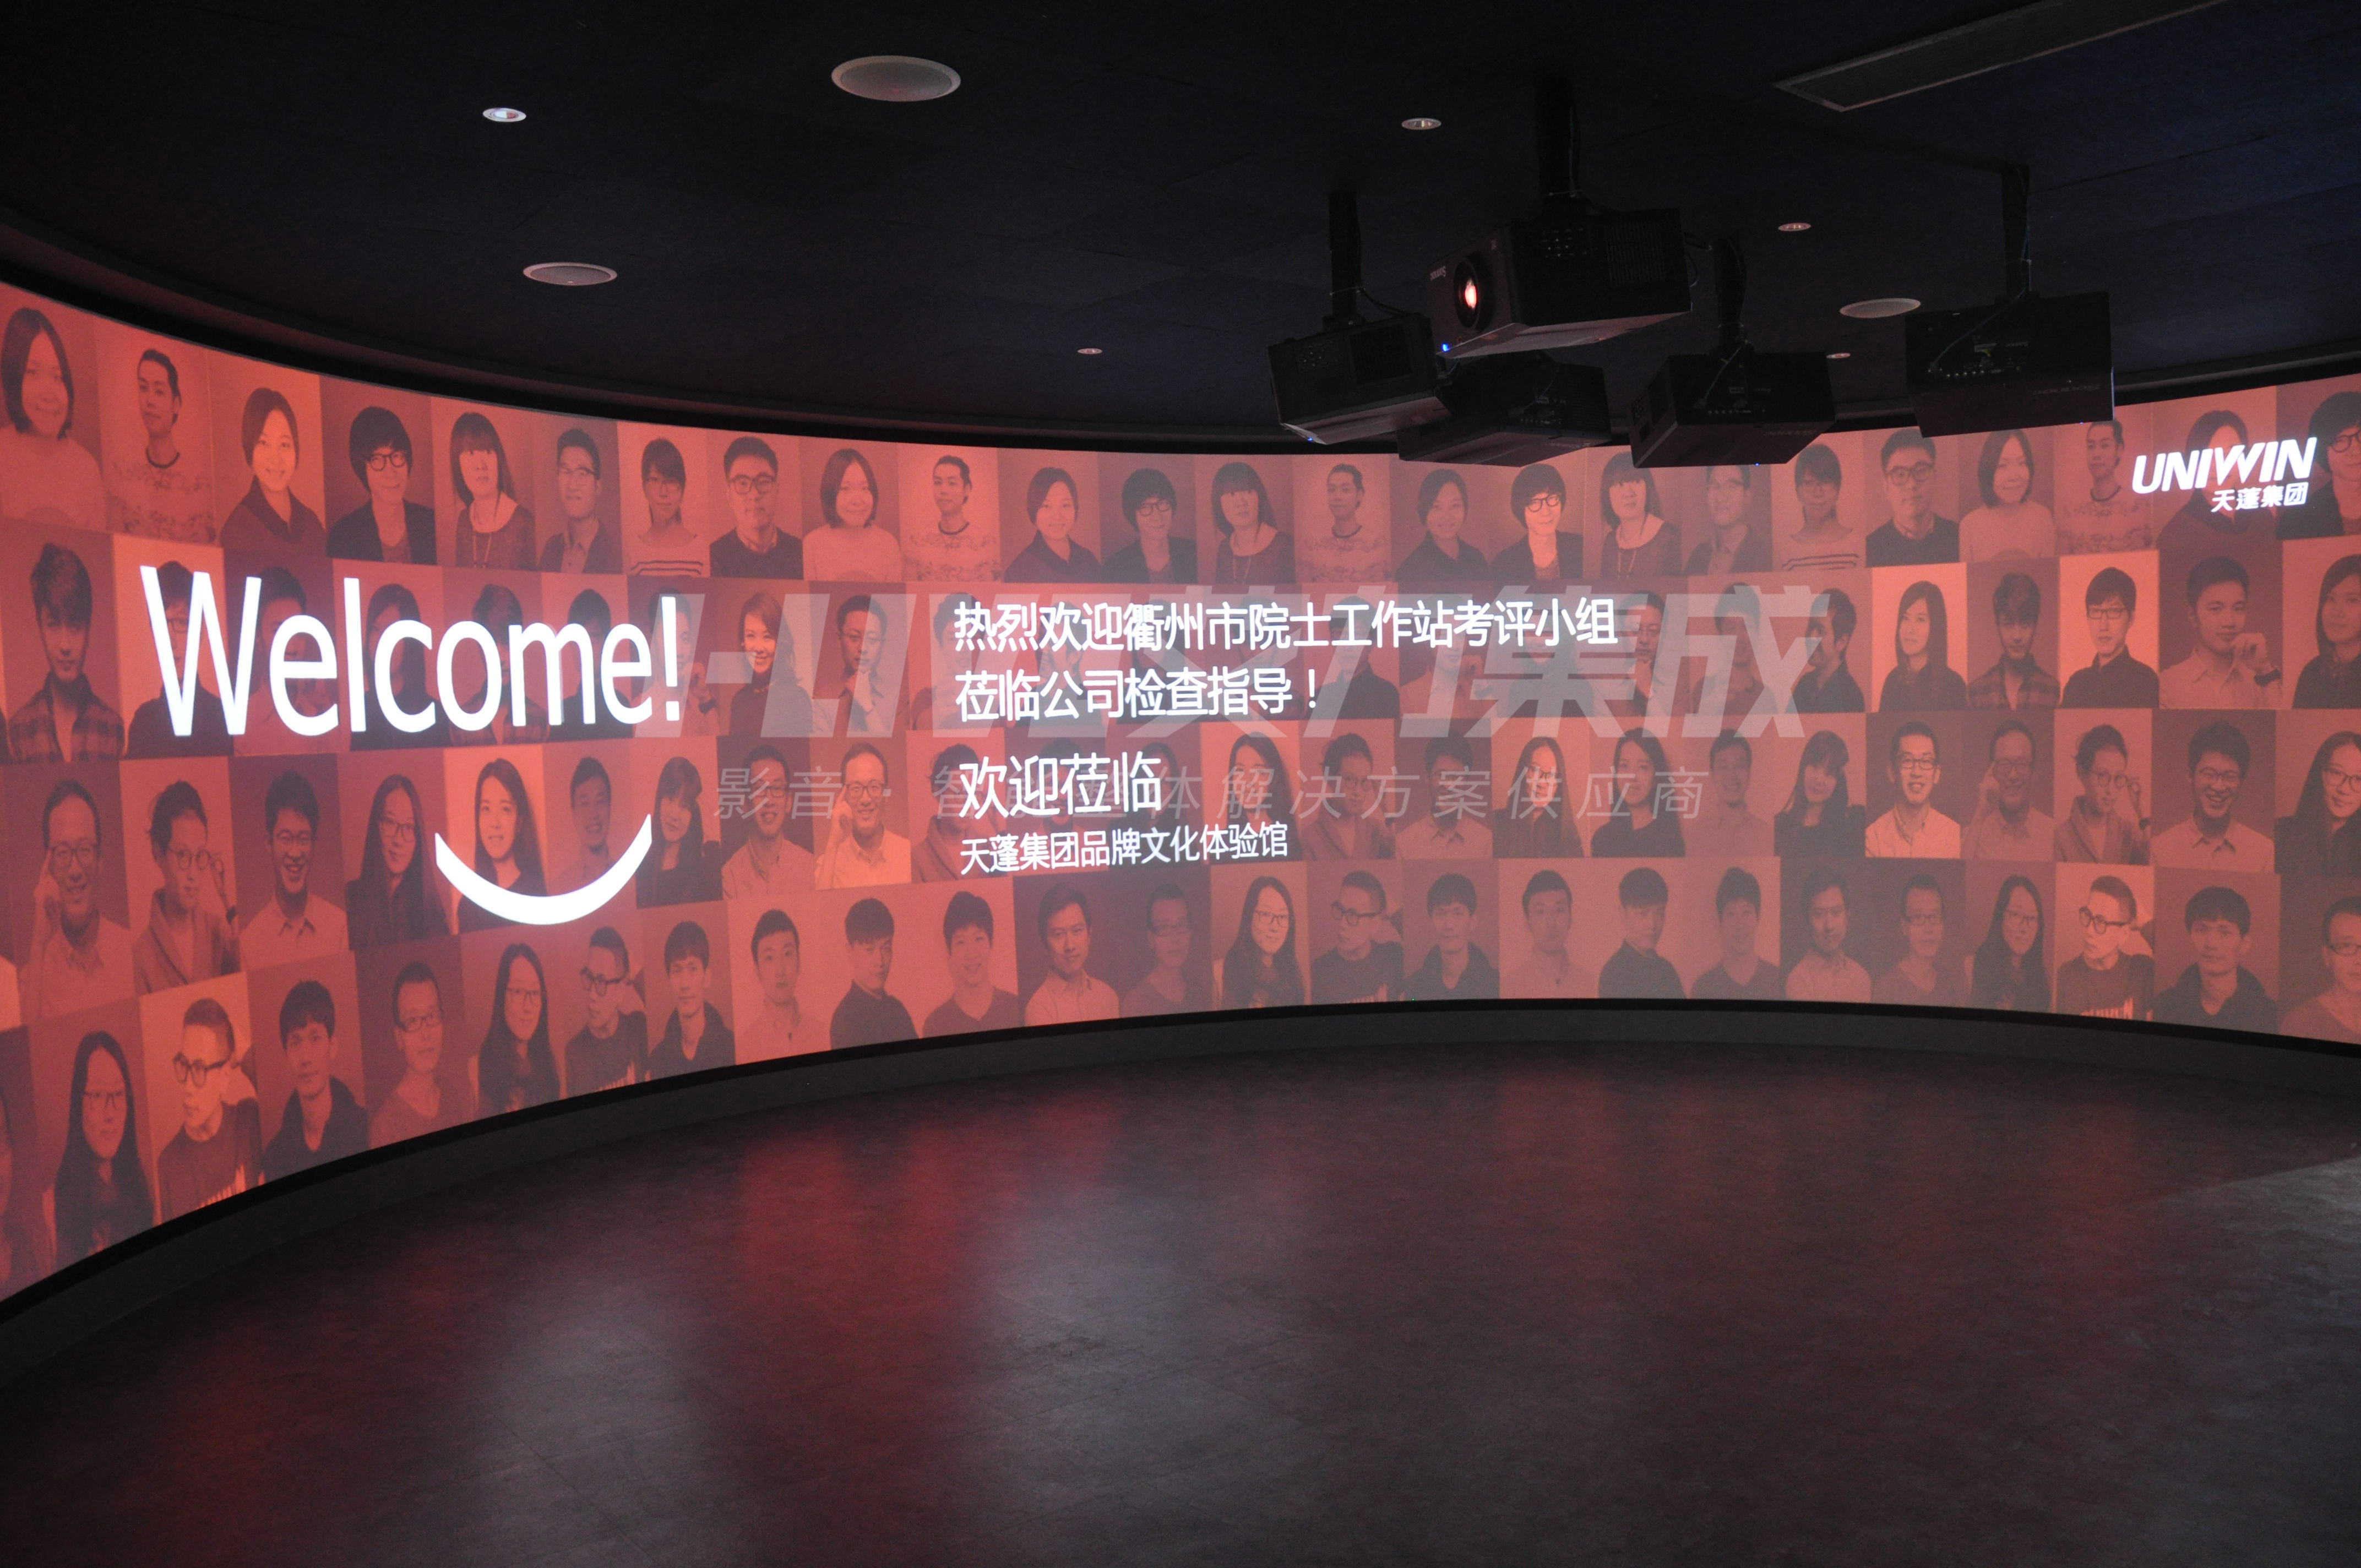 平凡的猪 非凡的梦----- 天蓬集团品牌文化体验馆多媒体解决方案图片